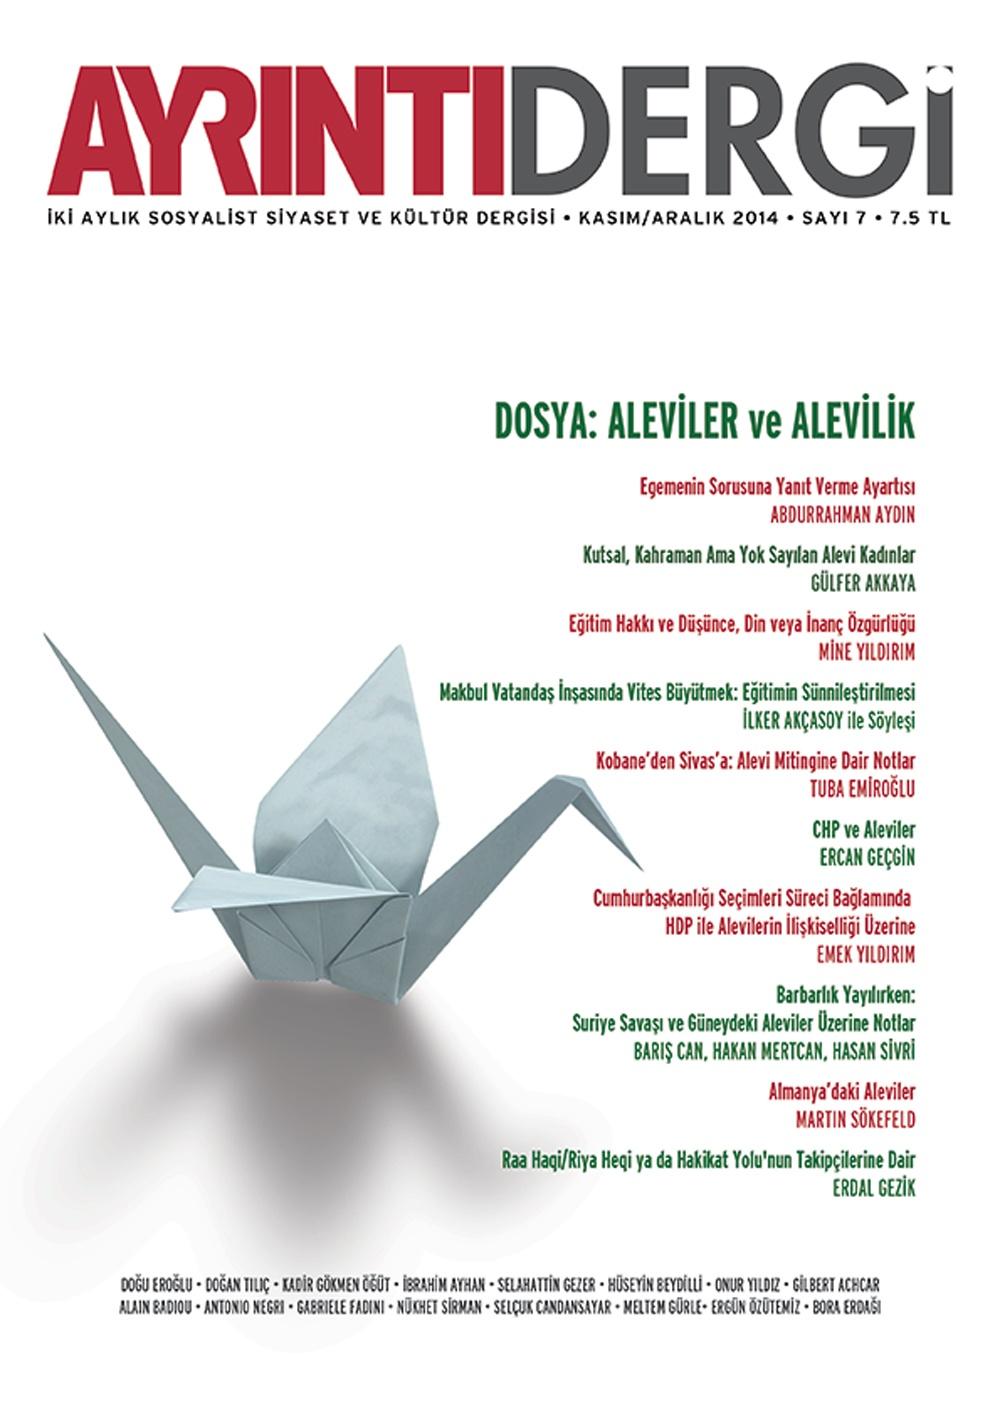 Ayrıntı Dergi Sayı 7 (Kasım-Aralık 2014)